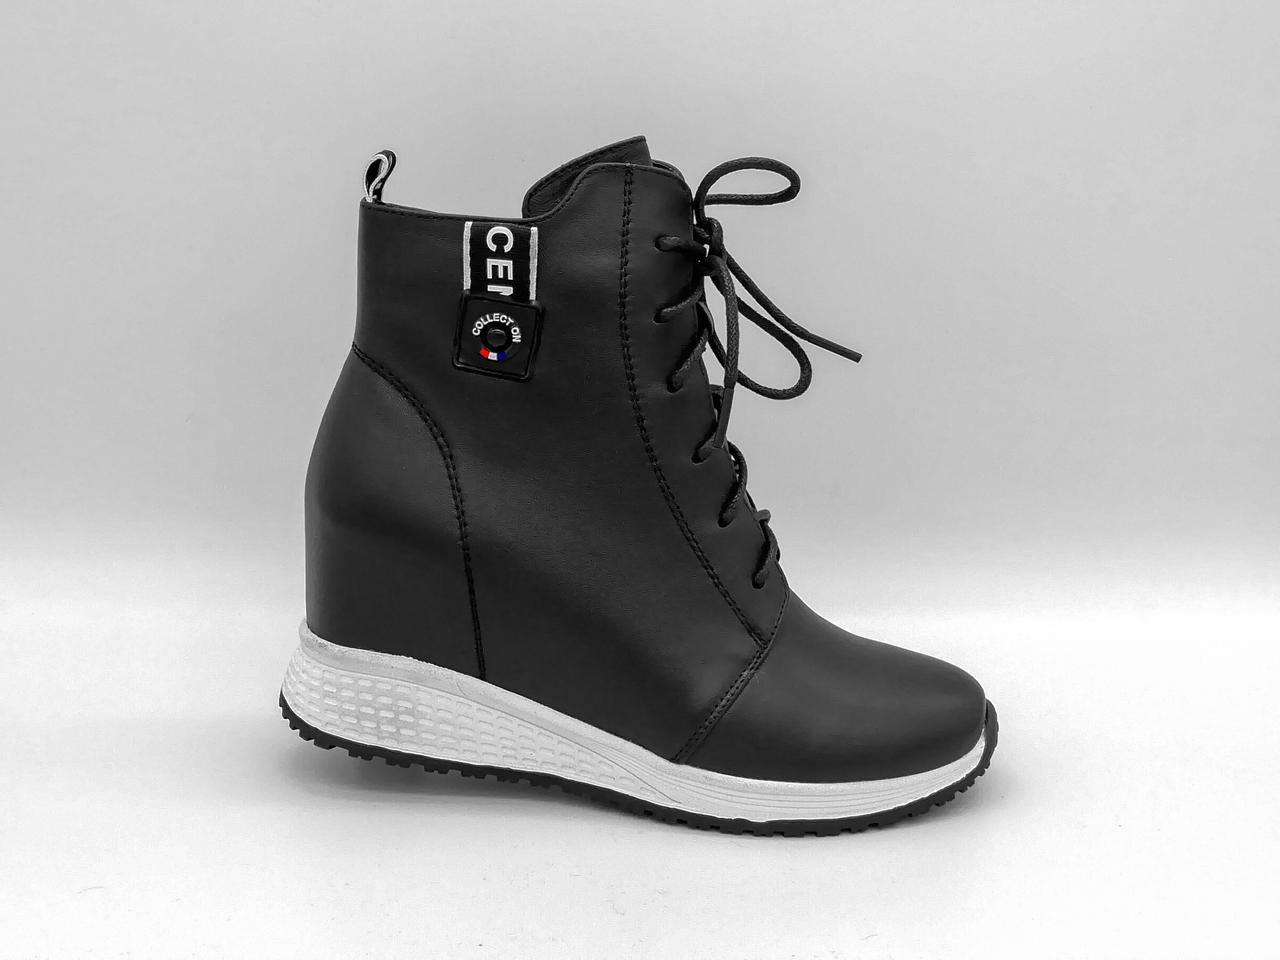 Чорні шкіряні черевики на прихованій танкетці. Erisses. Ботильйони. Маленькі розміри (33 - 35).